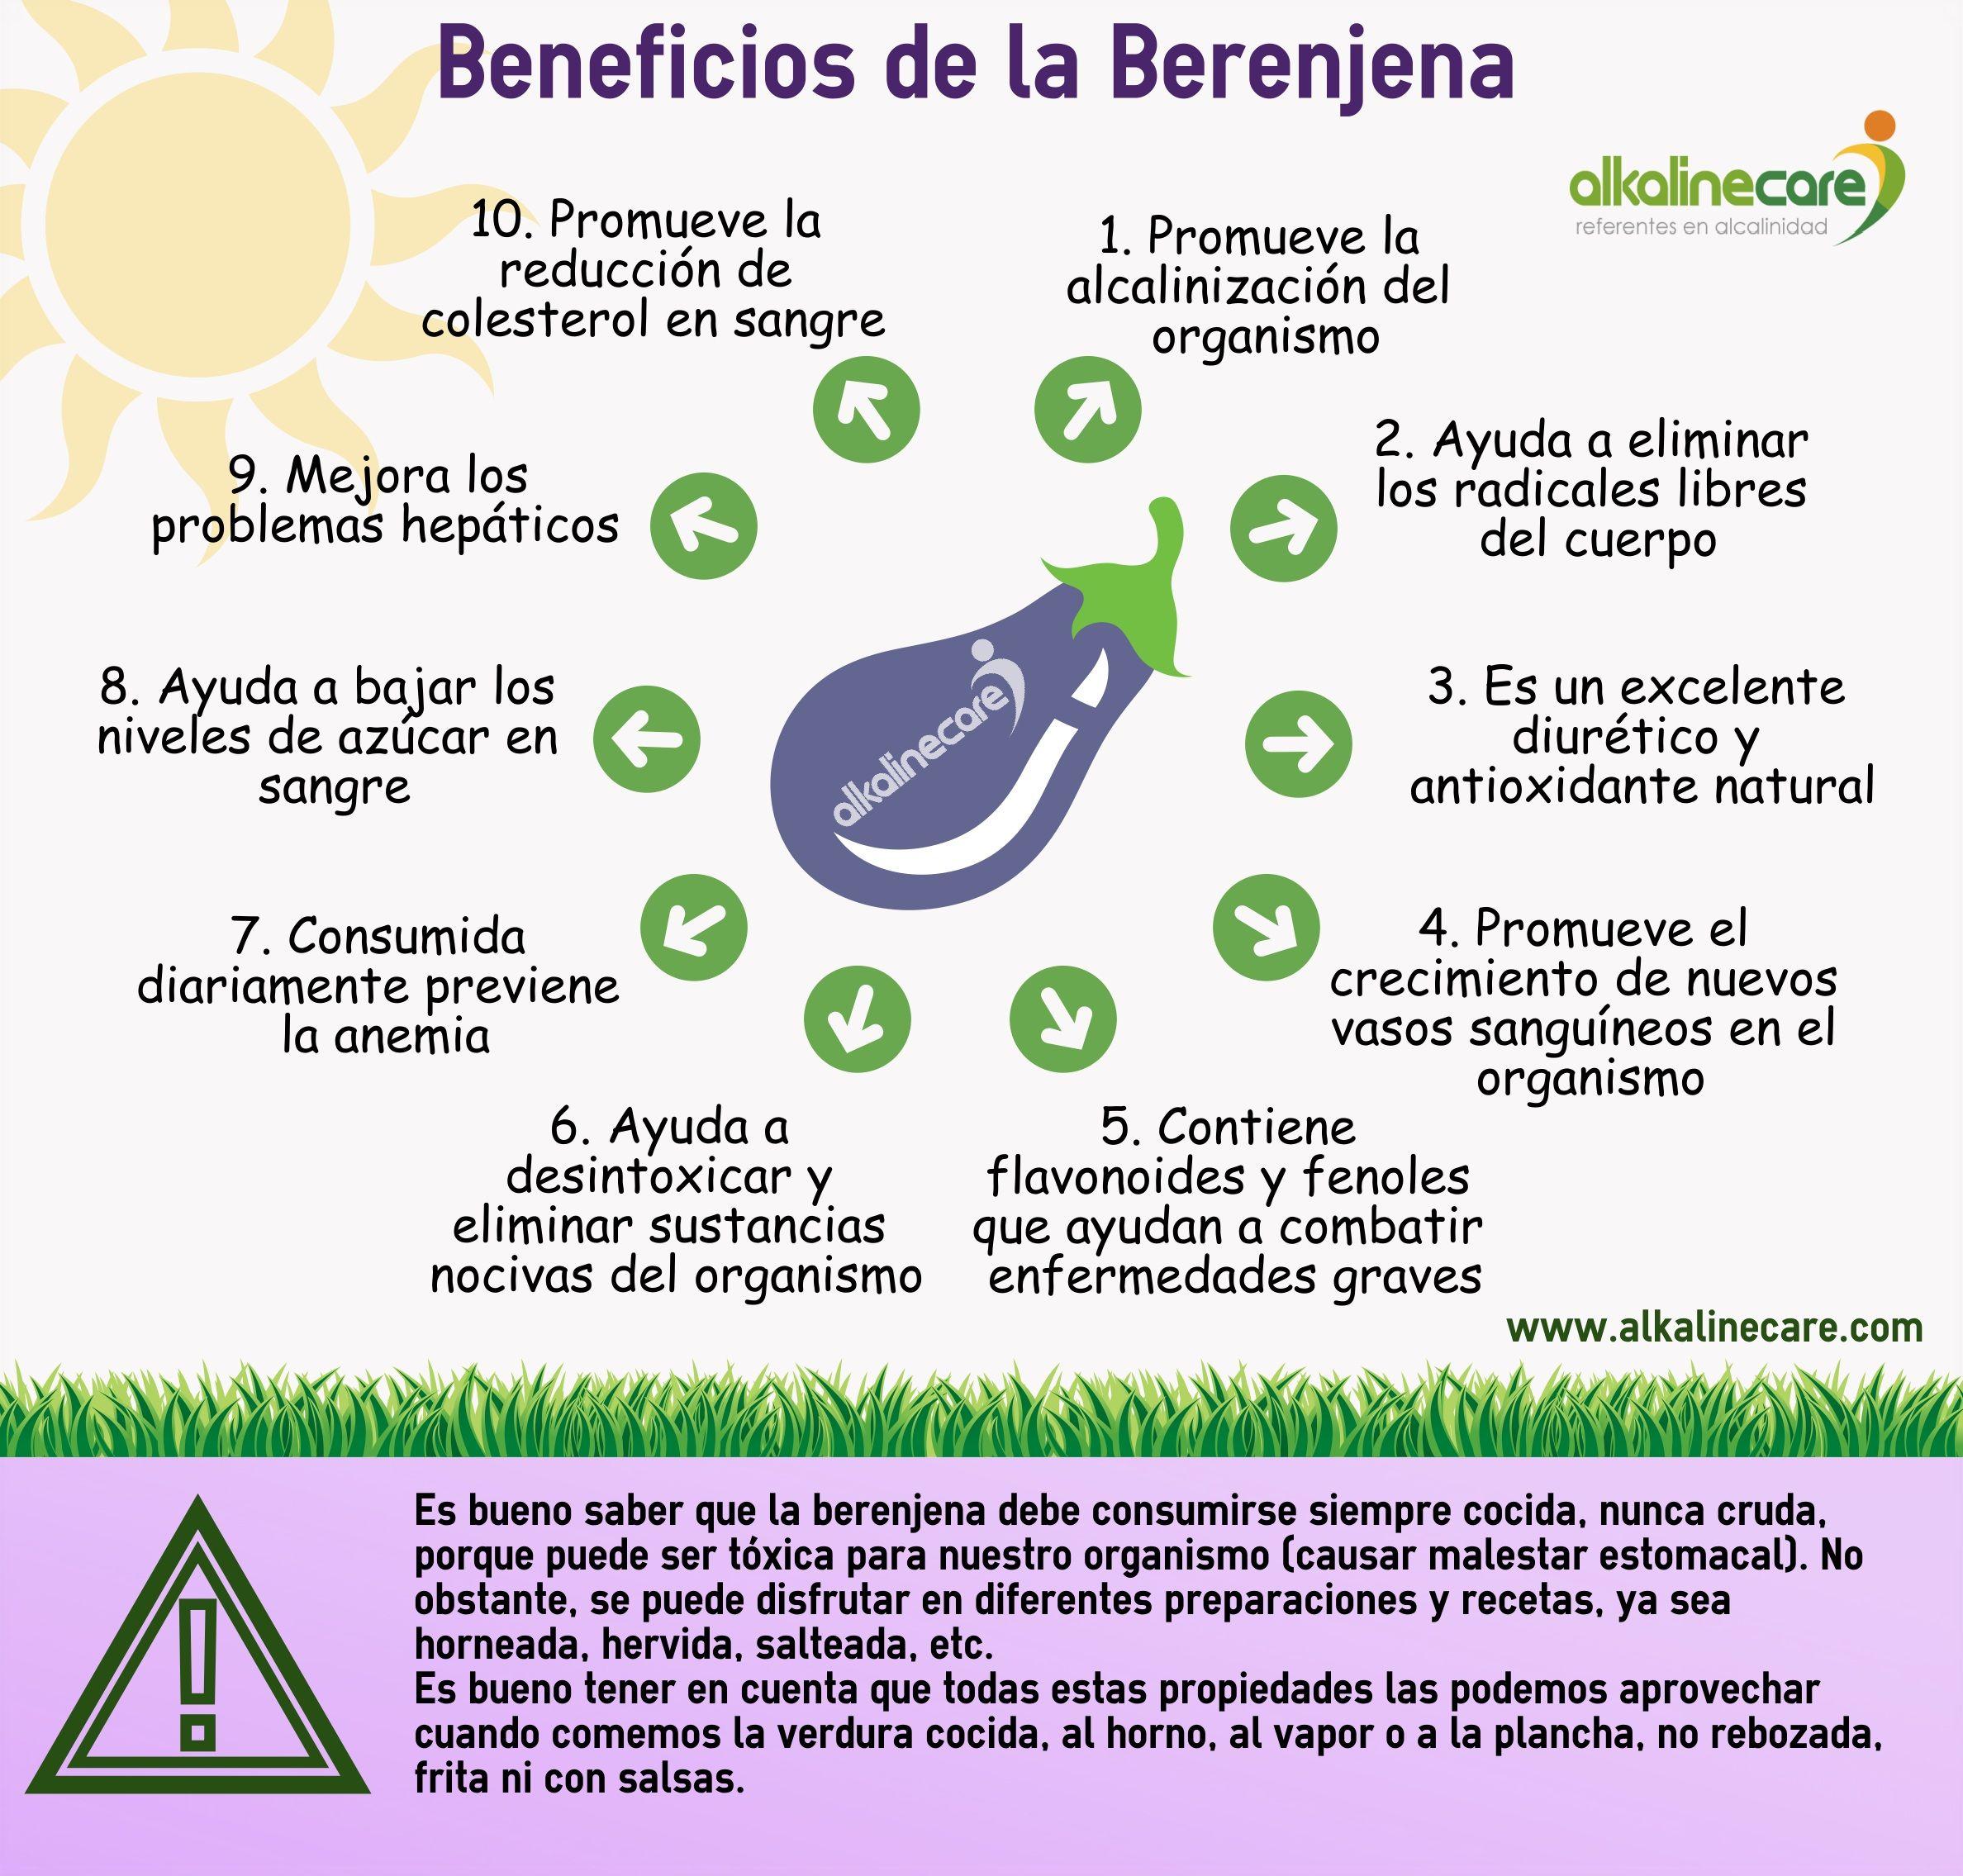 Beneficios de la berenjena para adelgazar